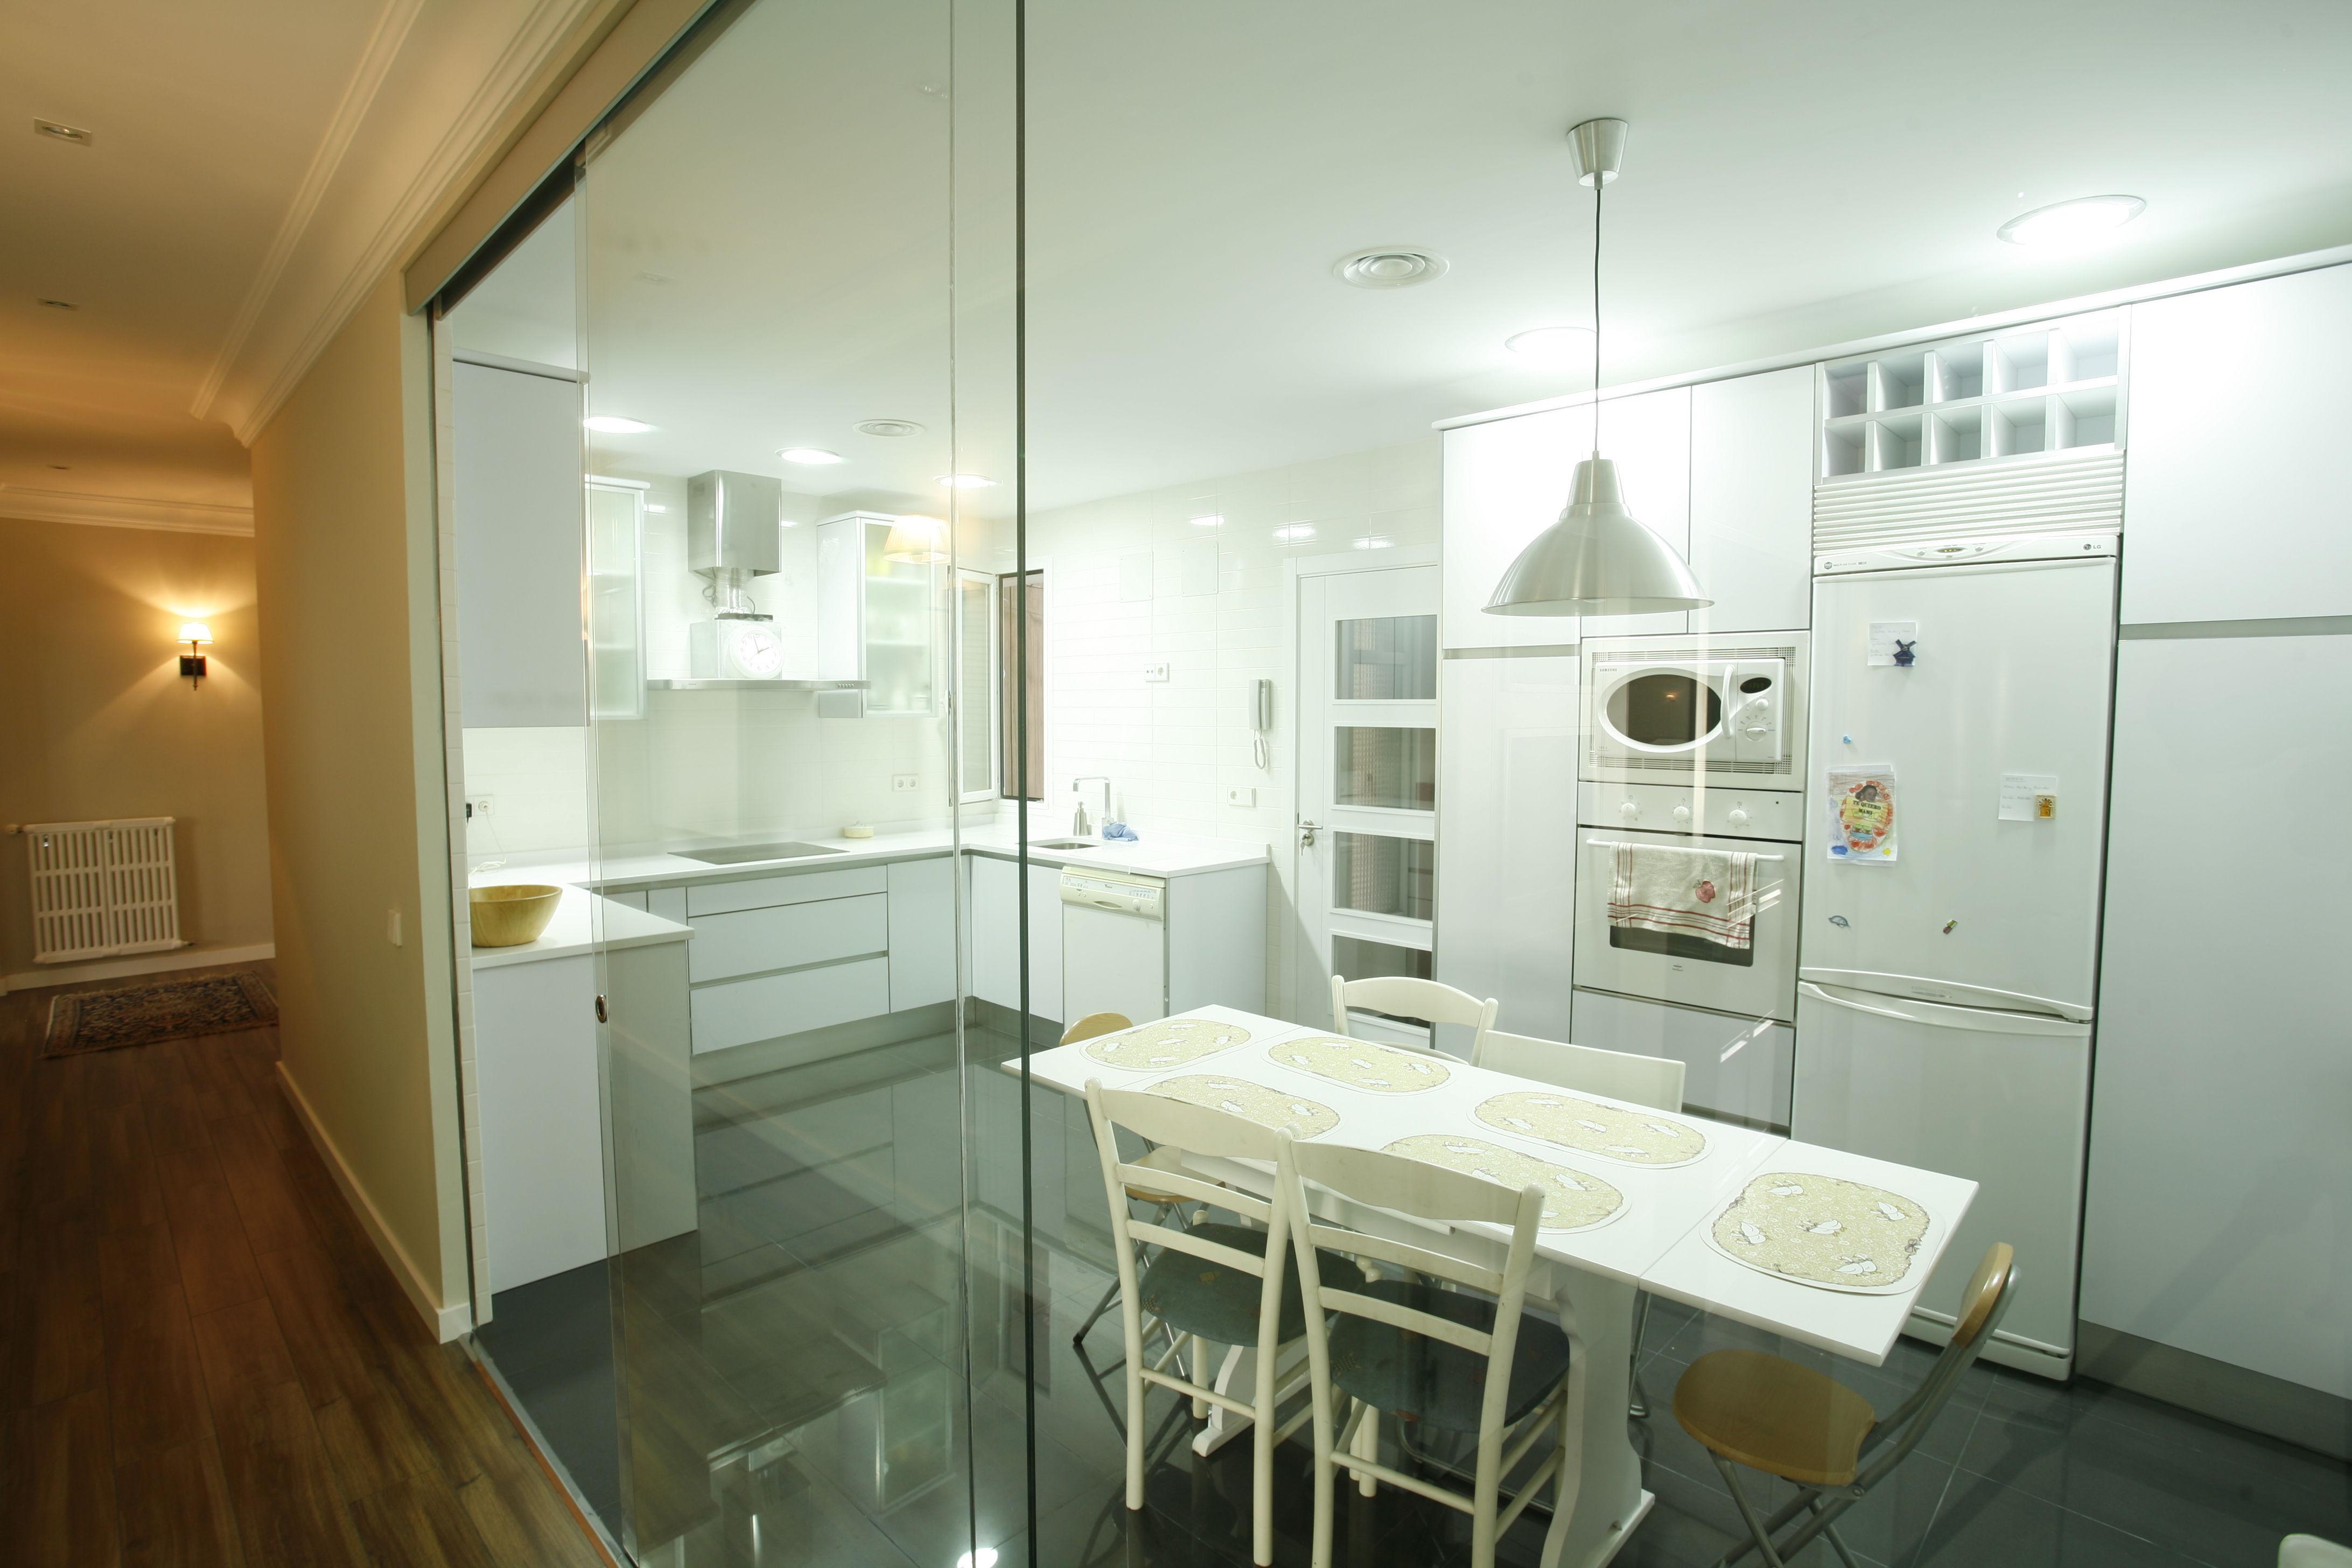 Puertas de cristal - Cocinas de cristal ...